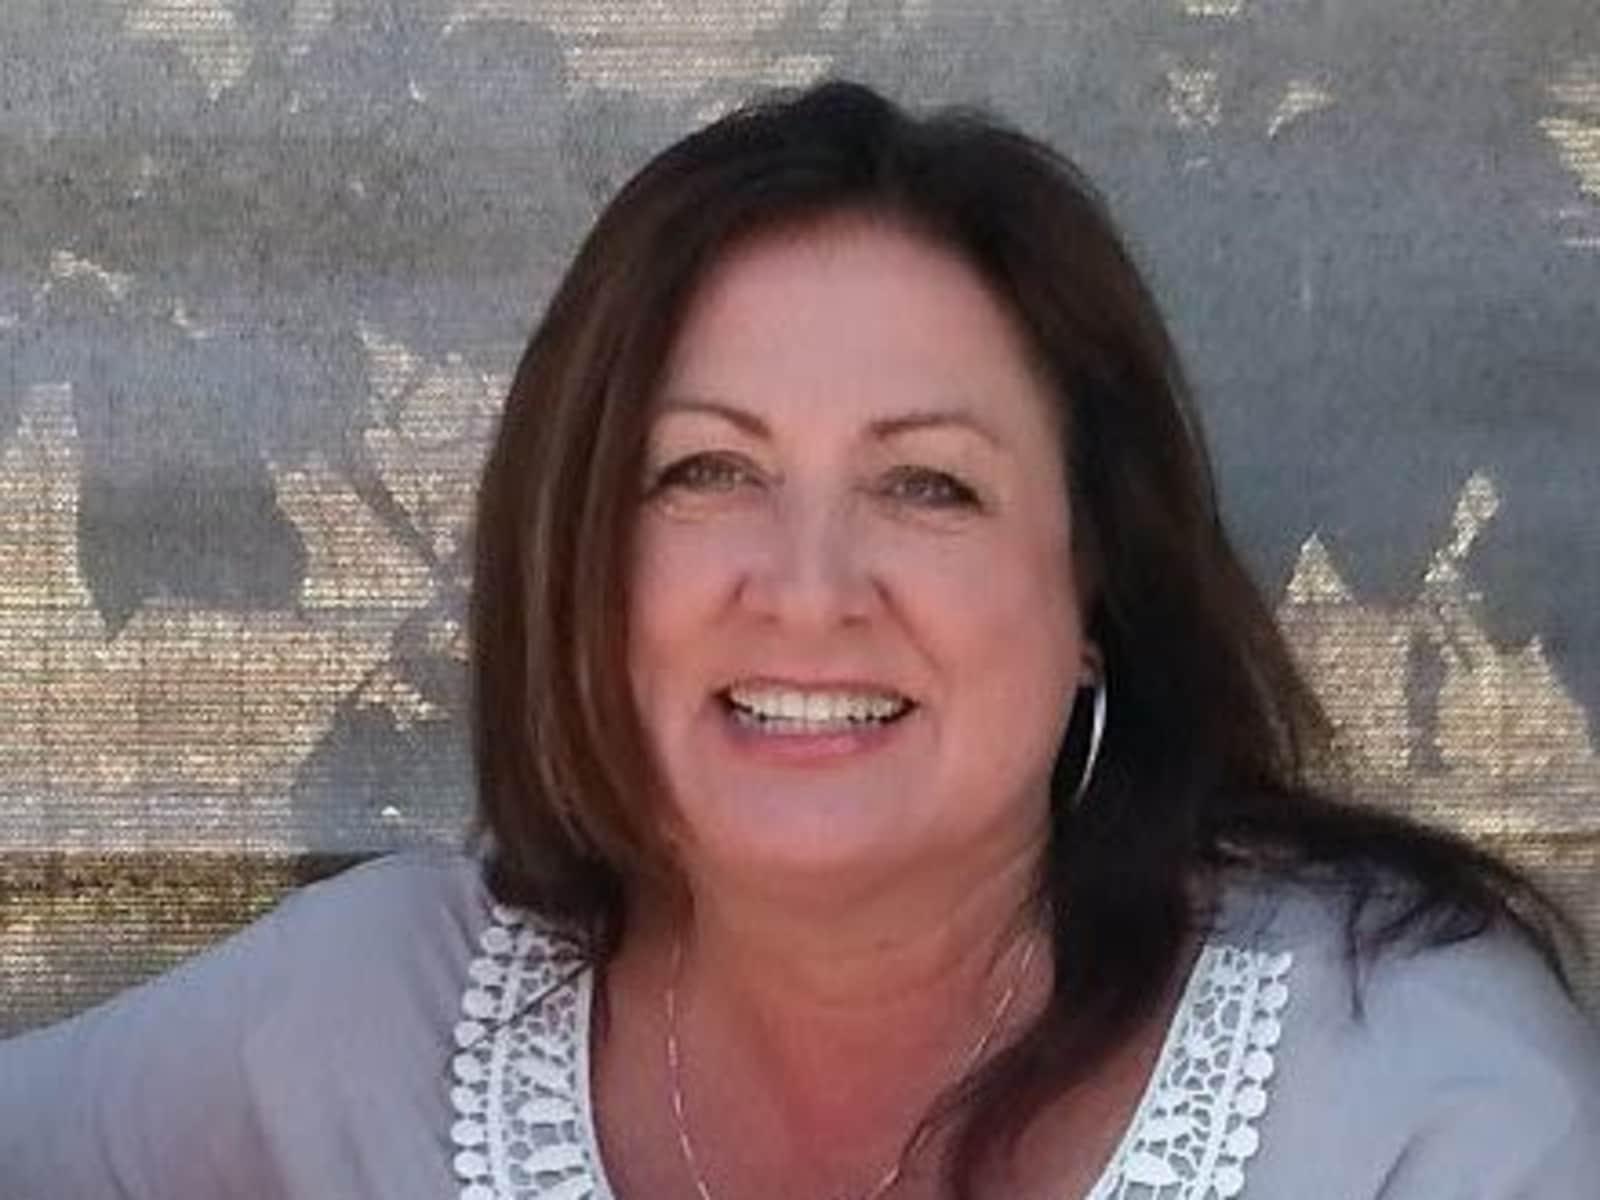 Maureen from Seattle, Washington, United States